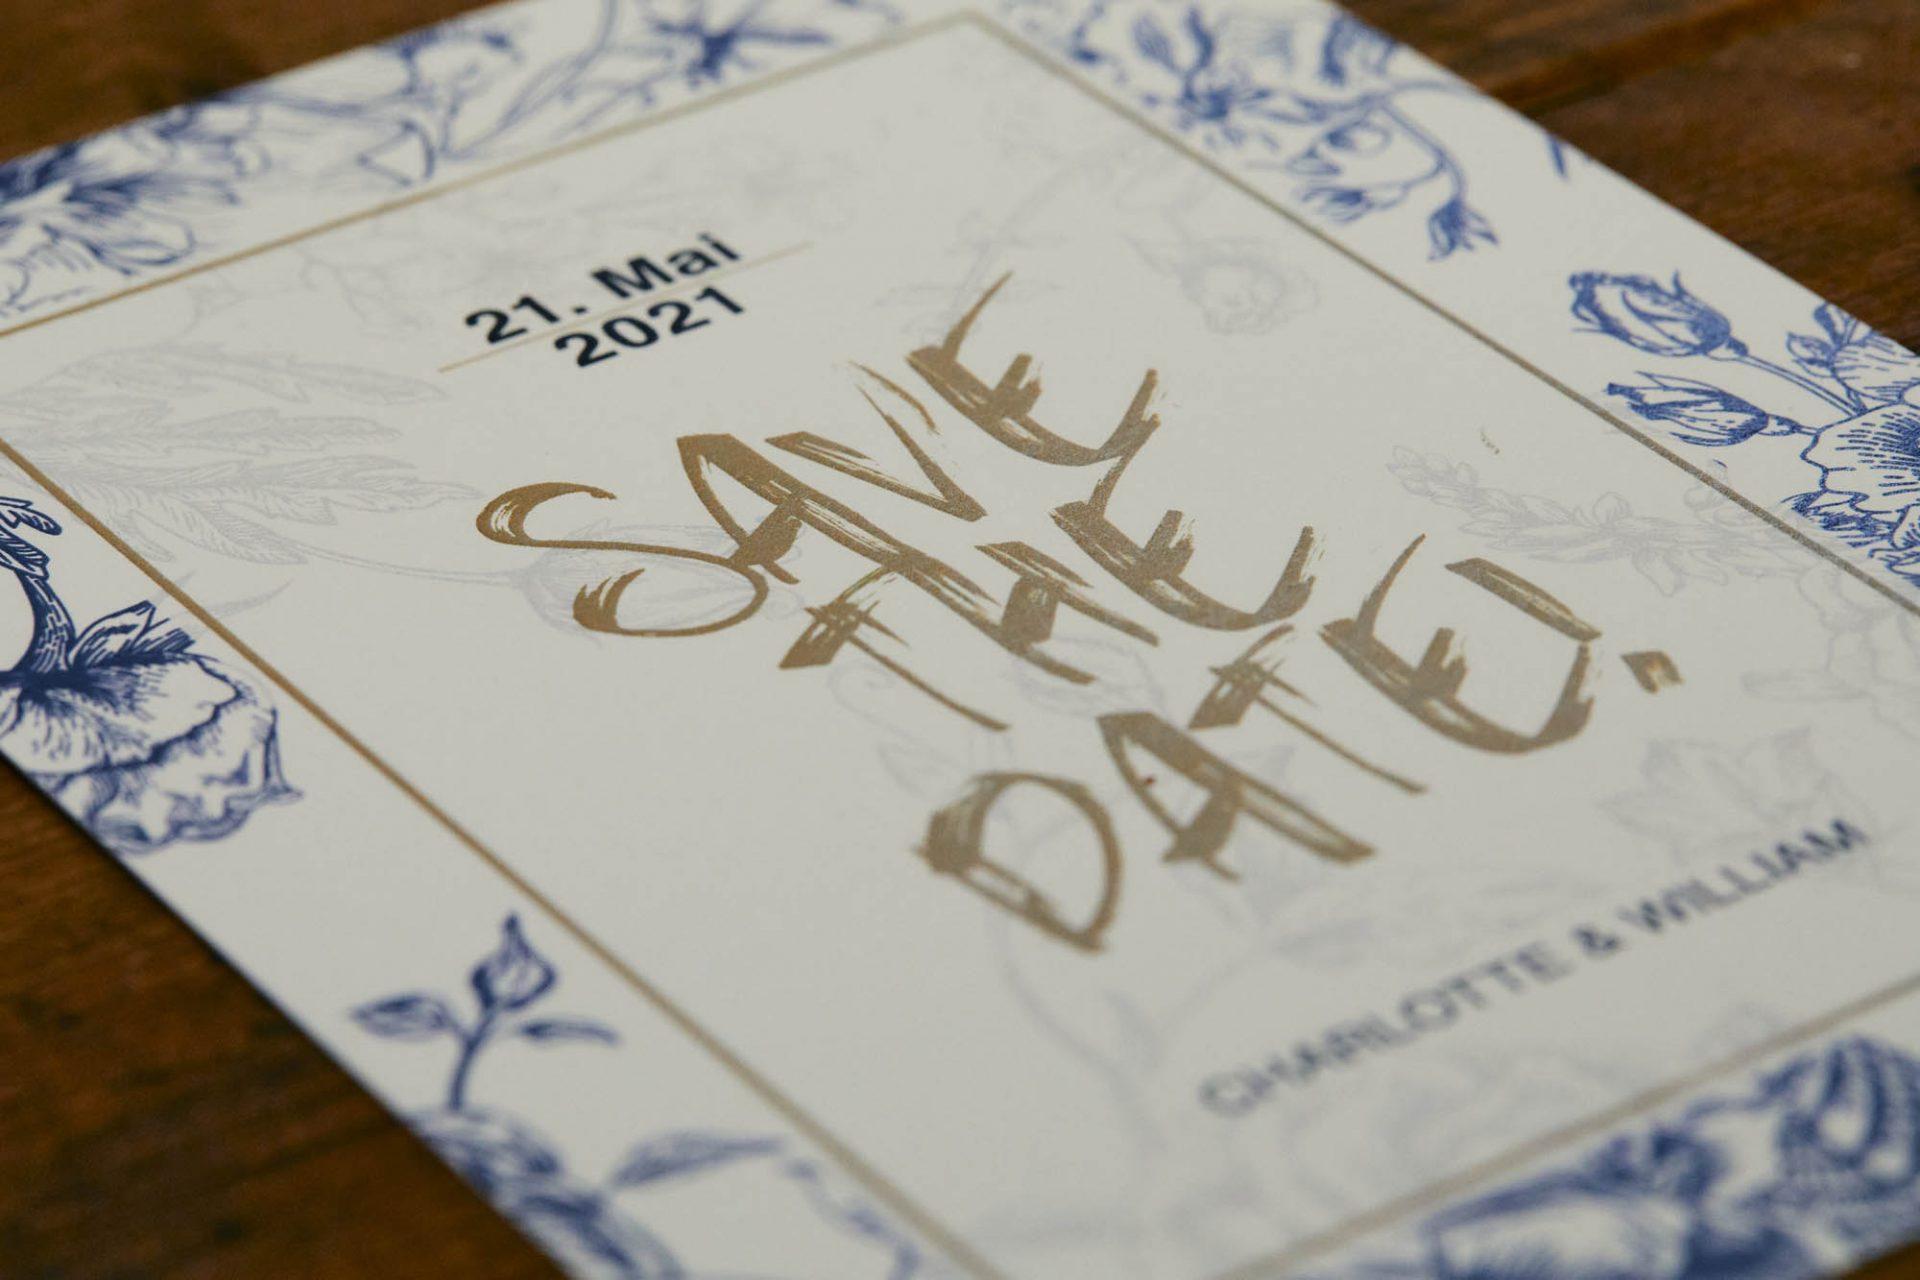 Save the Date - Karten in einer Mischung aus Landhausstil und Graffity